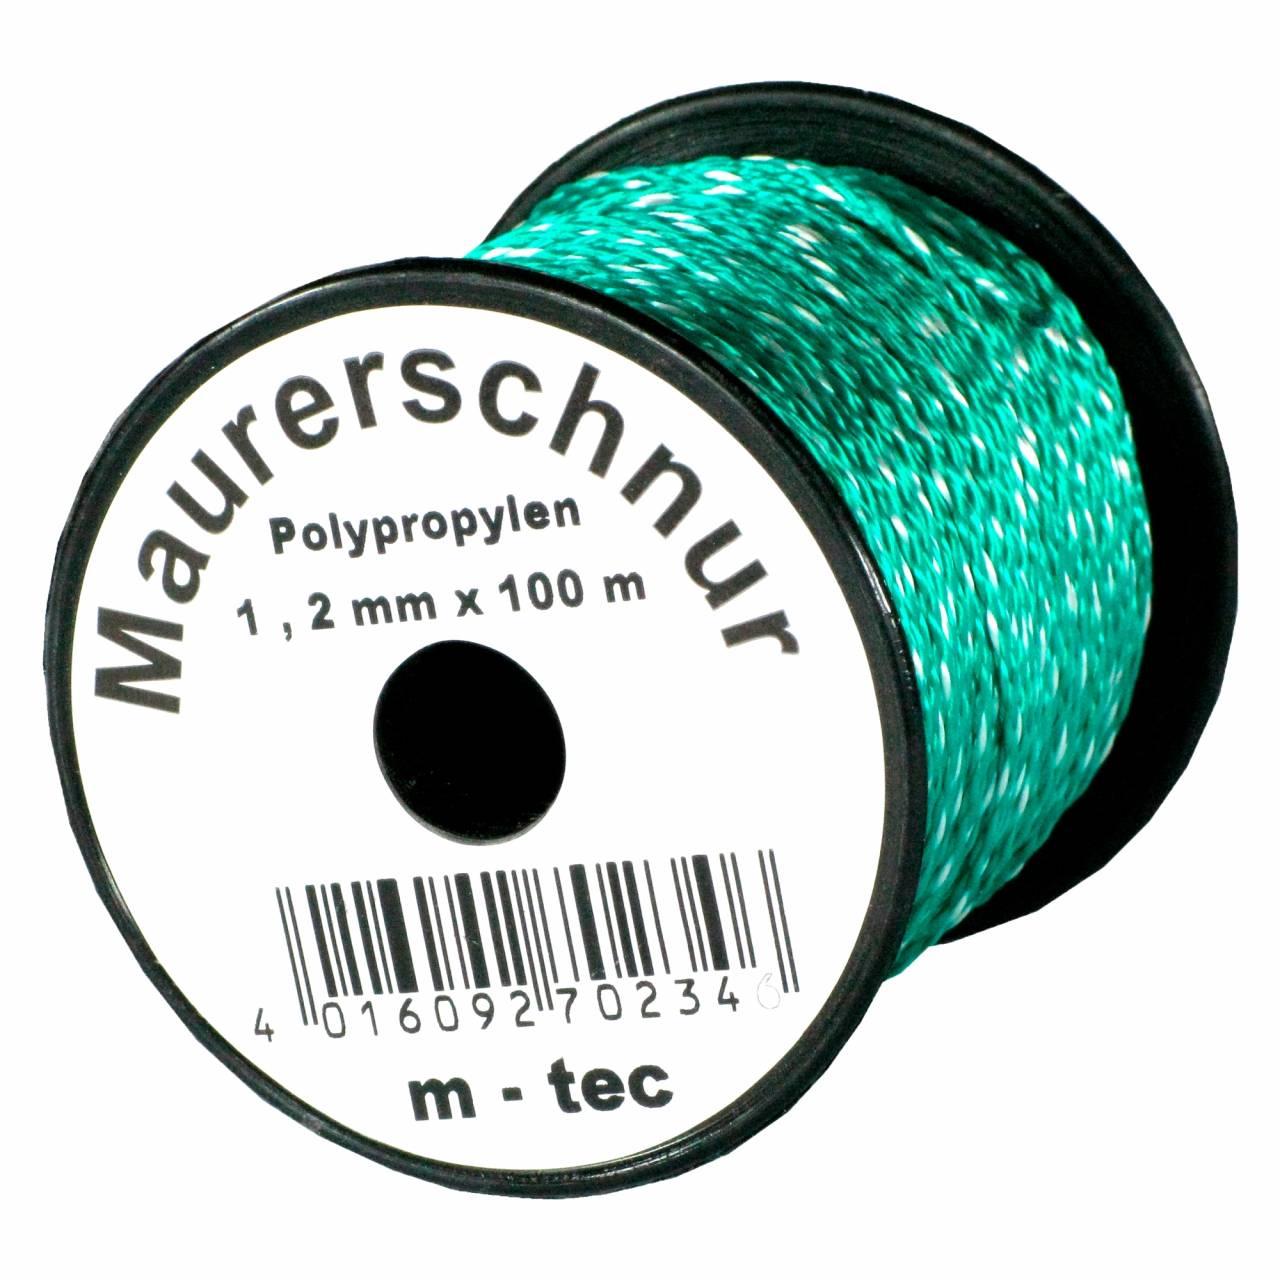 Lot-Maurerschnur 100 m x Ø 1,2 mm Grün-Weiss